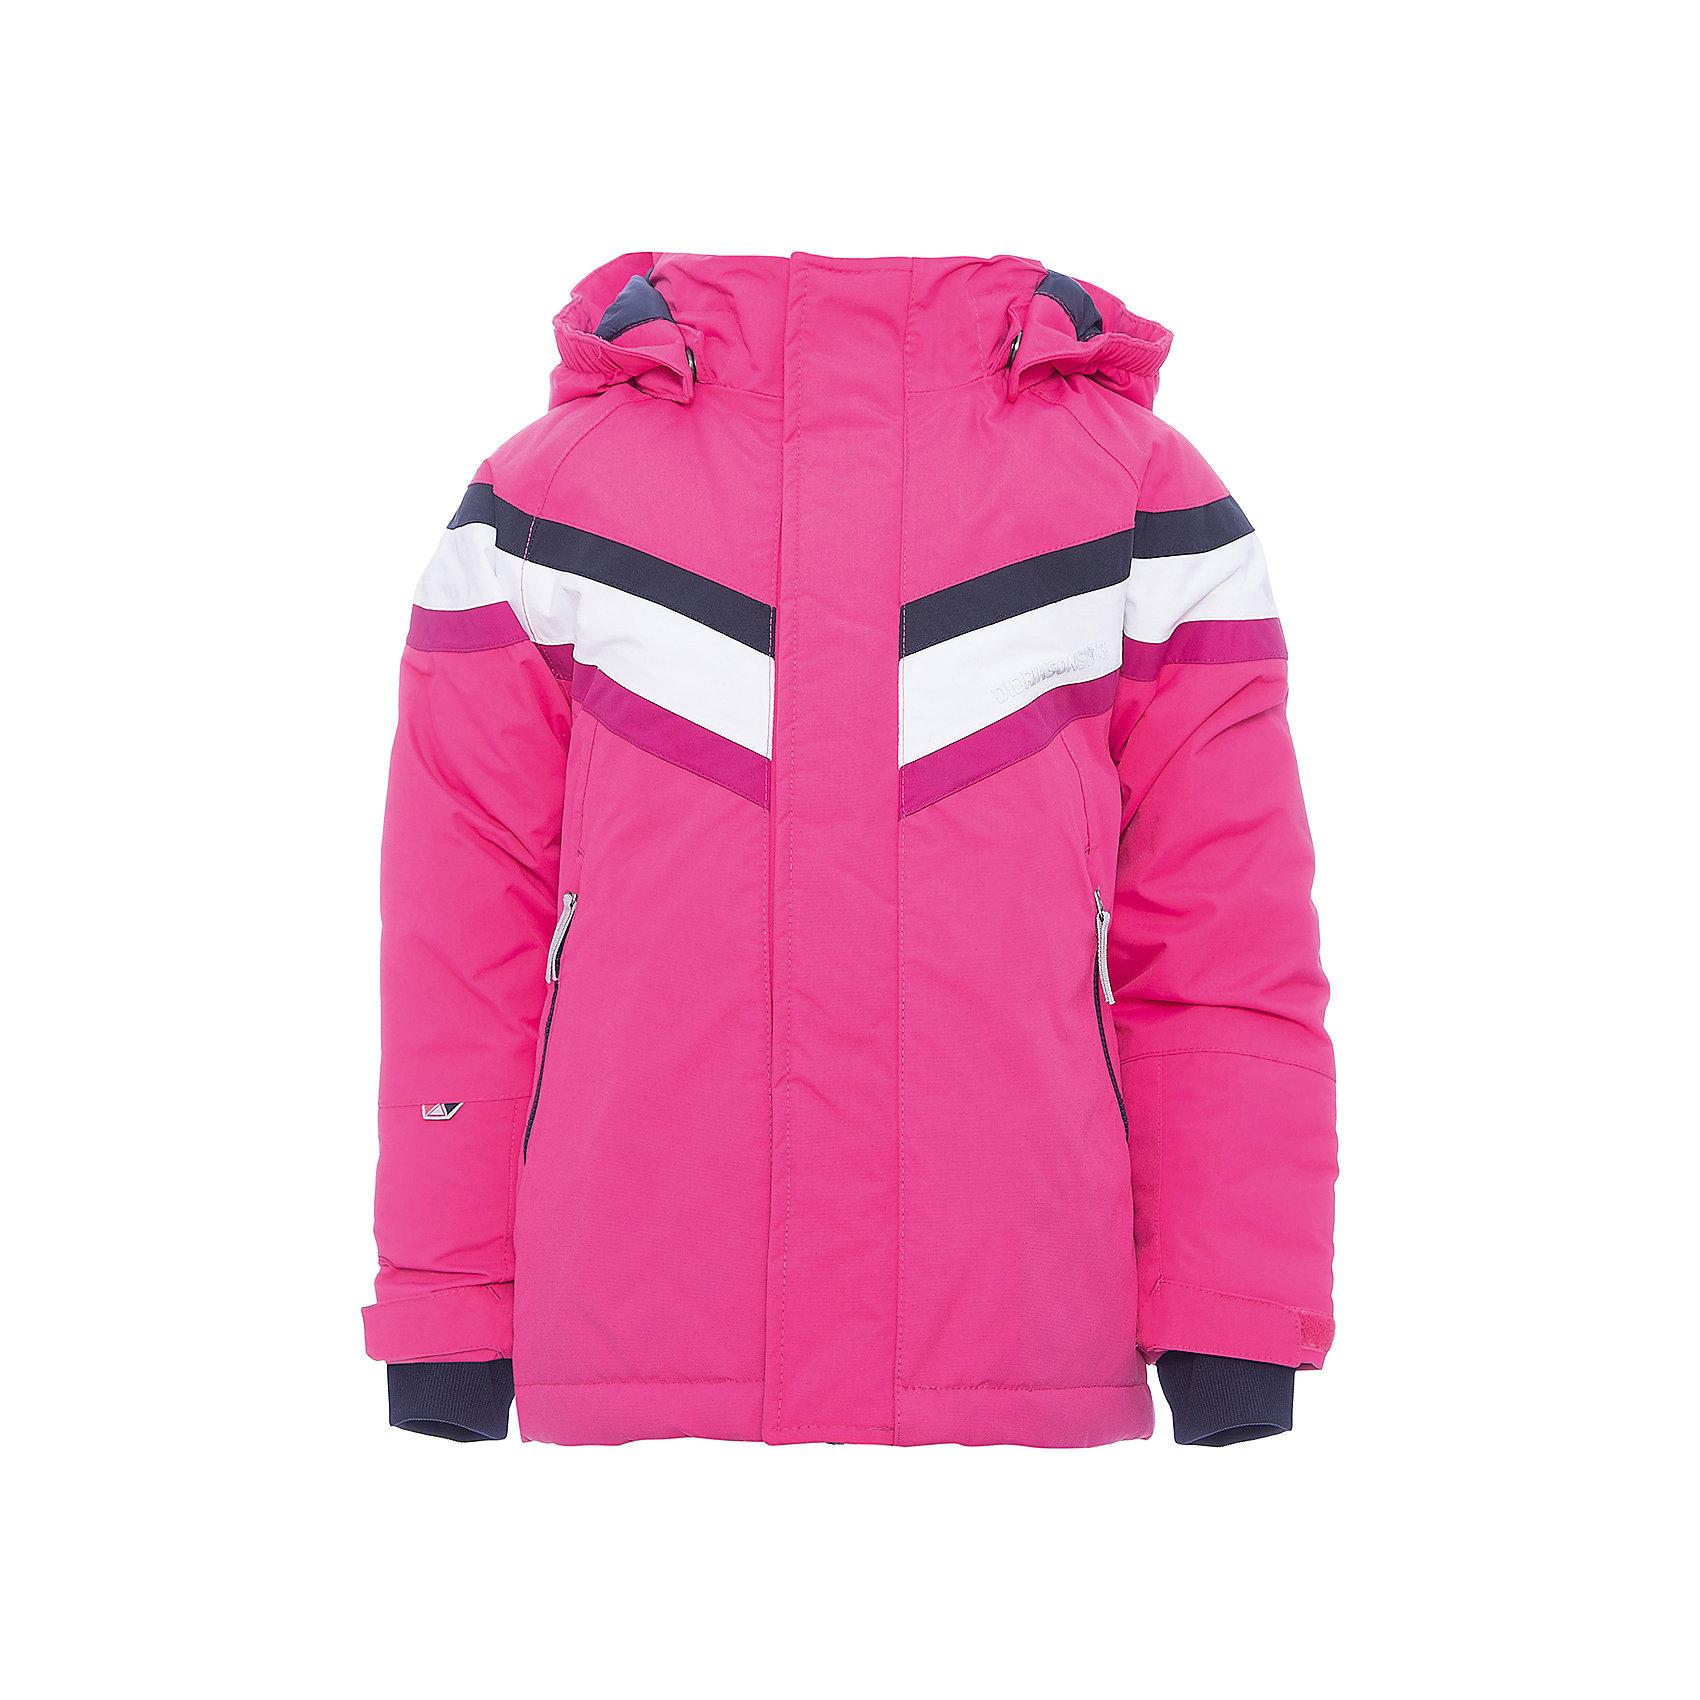 Куртка SAFSEN DIDRIKSONS для девочкиВерхняя одежда<br>Характеристики товара:<br><br>• цвет: фуксия<br>• состав ткани: 100% полиамид<br>• подкладка: 100% полиэстер<br>• утеплитель: 100% полиэстер<br>• сезон: зима<br>• мембранная<br>• температурный режим: от -20 до +5<br>• водонепроницаемость: 10000 мм <br>• паропроницаемость: 4000 г/м2<br>• плотность утеплителя: 140г/м2<br>• швы проклеены<br>• капюшон: без меха, съемный<br>• застежка: молния<br>• регулируемый капюшон, манжеты и низ изделия<br>• светоотражающие детали<br>• конструкция позволяет увеличить длину рукава на один размер<br>• страна бренда: Швеция<br>• страна изготовитель: Китай<br><br>Яркая мембранная детская куртка отлично подойдет для зимних морозов. Мягкая подкладка детской куртки делает её очень комфортной. Эта теплая куртка для девочки дополнена удобным капюшоном, планкой от ветра и карманами. Плотный верх детской зимней куртки не промокает и не продувается, его легко чистить. <br><br>Куртку для девочки Safsen Didriksons (Дидриксонс) можно купить в нашем интернет-магазине.<br><br>Ширина мм: 356<br>Глубина мм: 10<br>Высота мм: 245<br>Вес г: 519<br>Цвет: розовый<br>Возраст от месяцев: 48<br>Возраст до месяцев: 60<br>Пол: Женский<br>Возраст: Детский<br>Размер: 110,100,90,80,140,130,120<br>SKU: 7045220